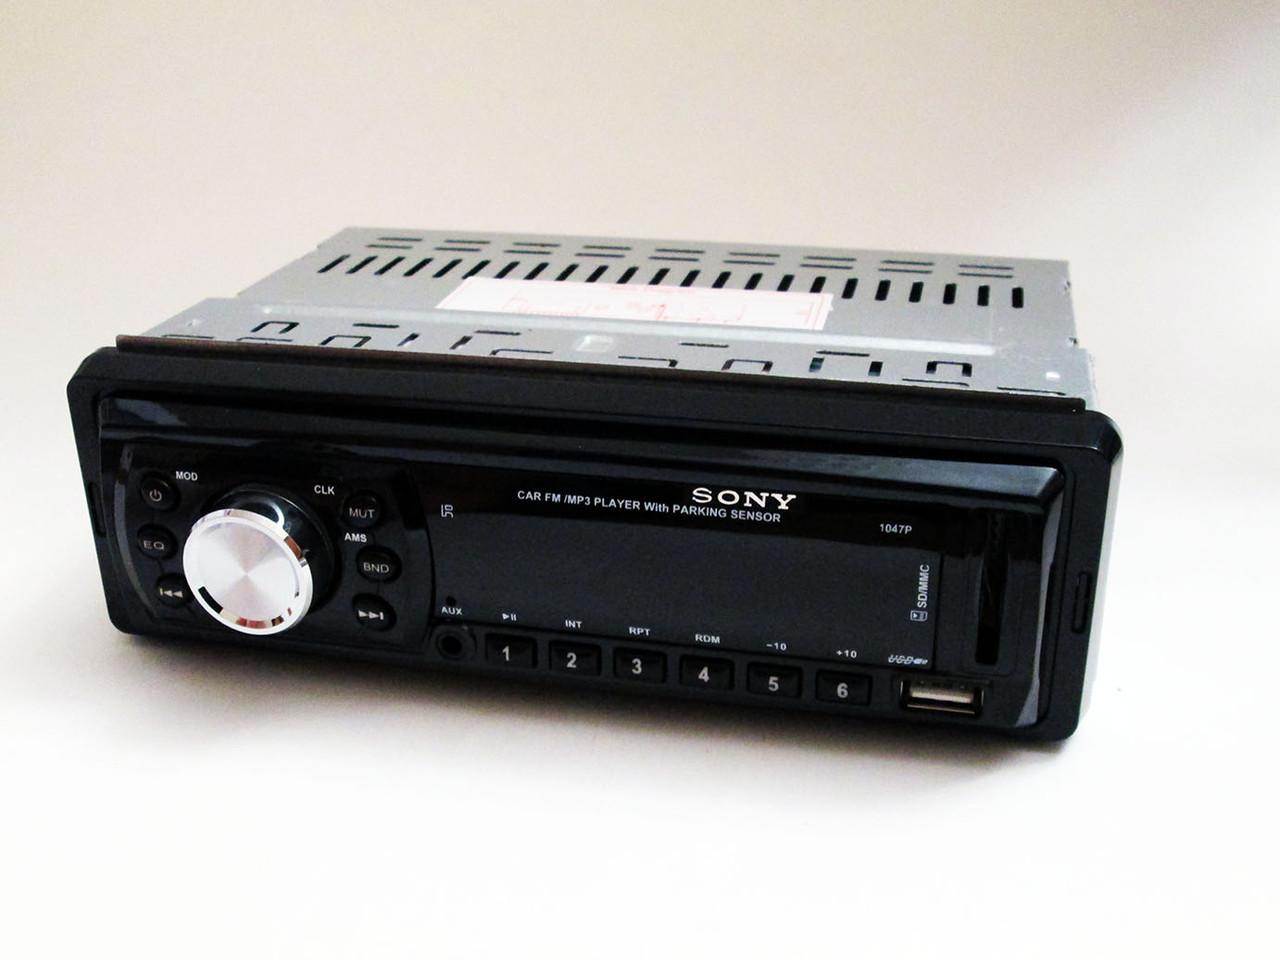 Автомагнитола Sony 1047P магнитола + парктроник 4 датчика